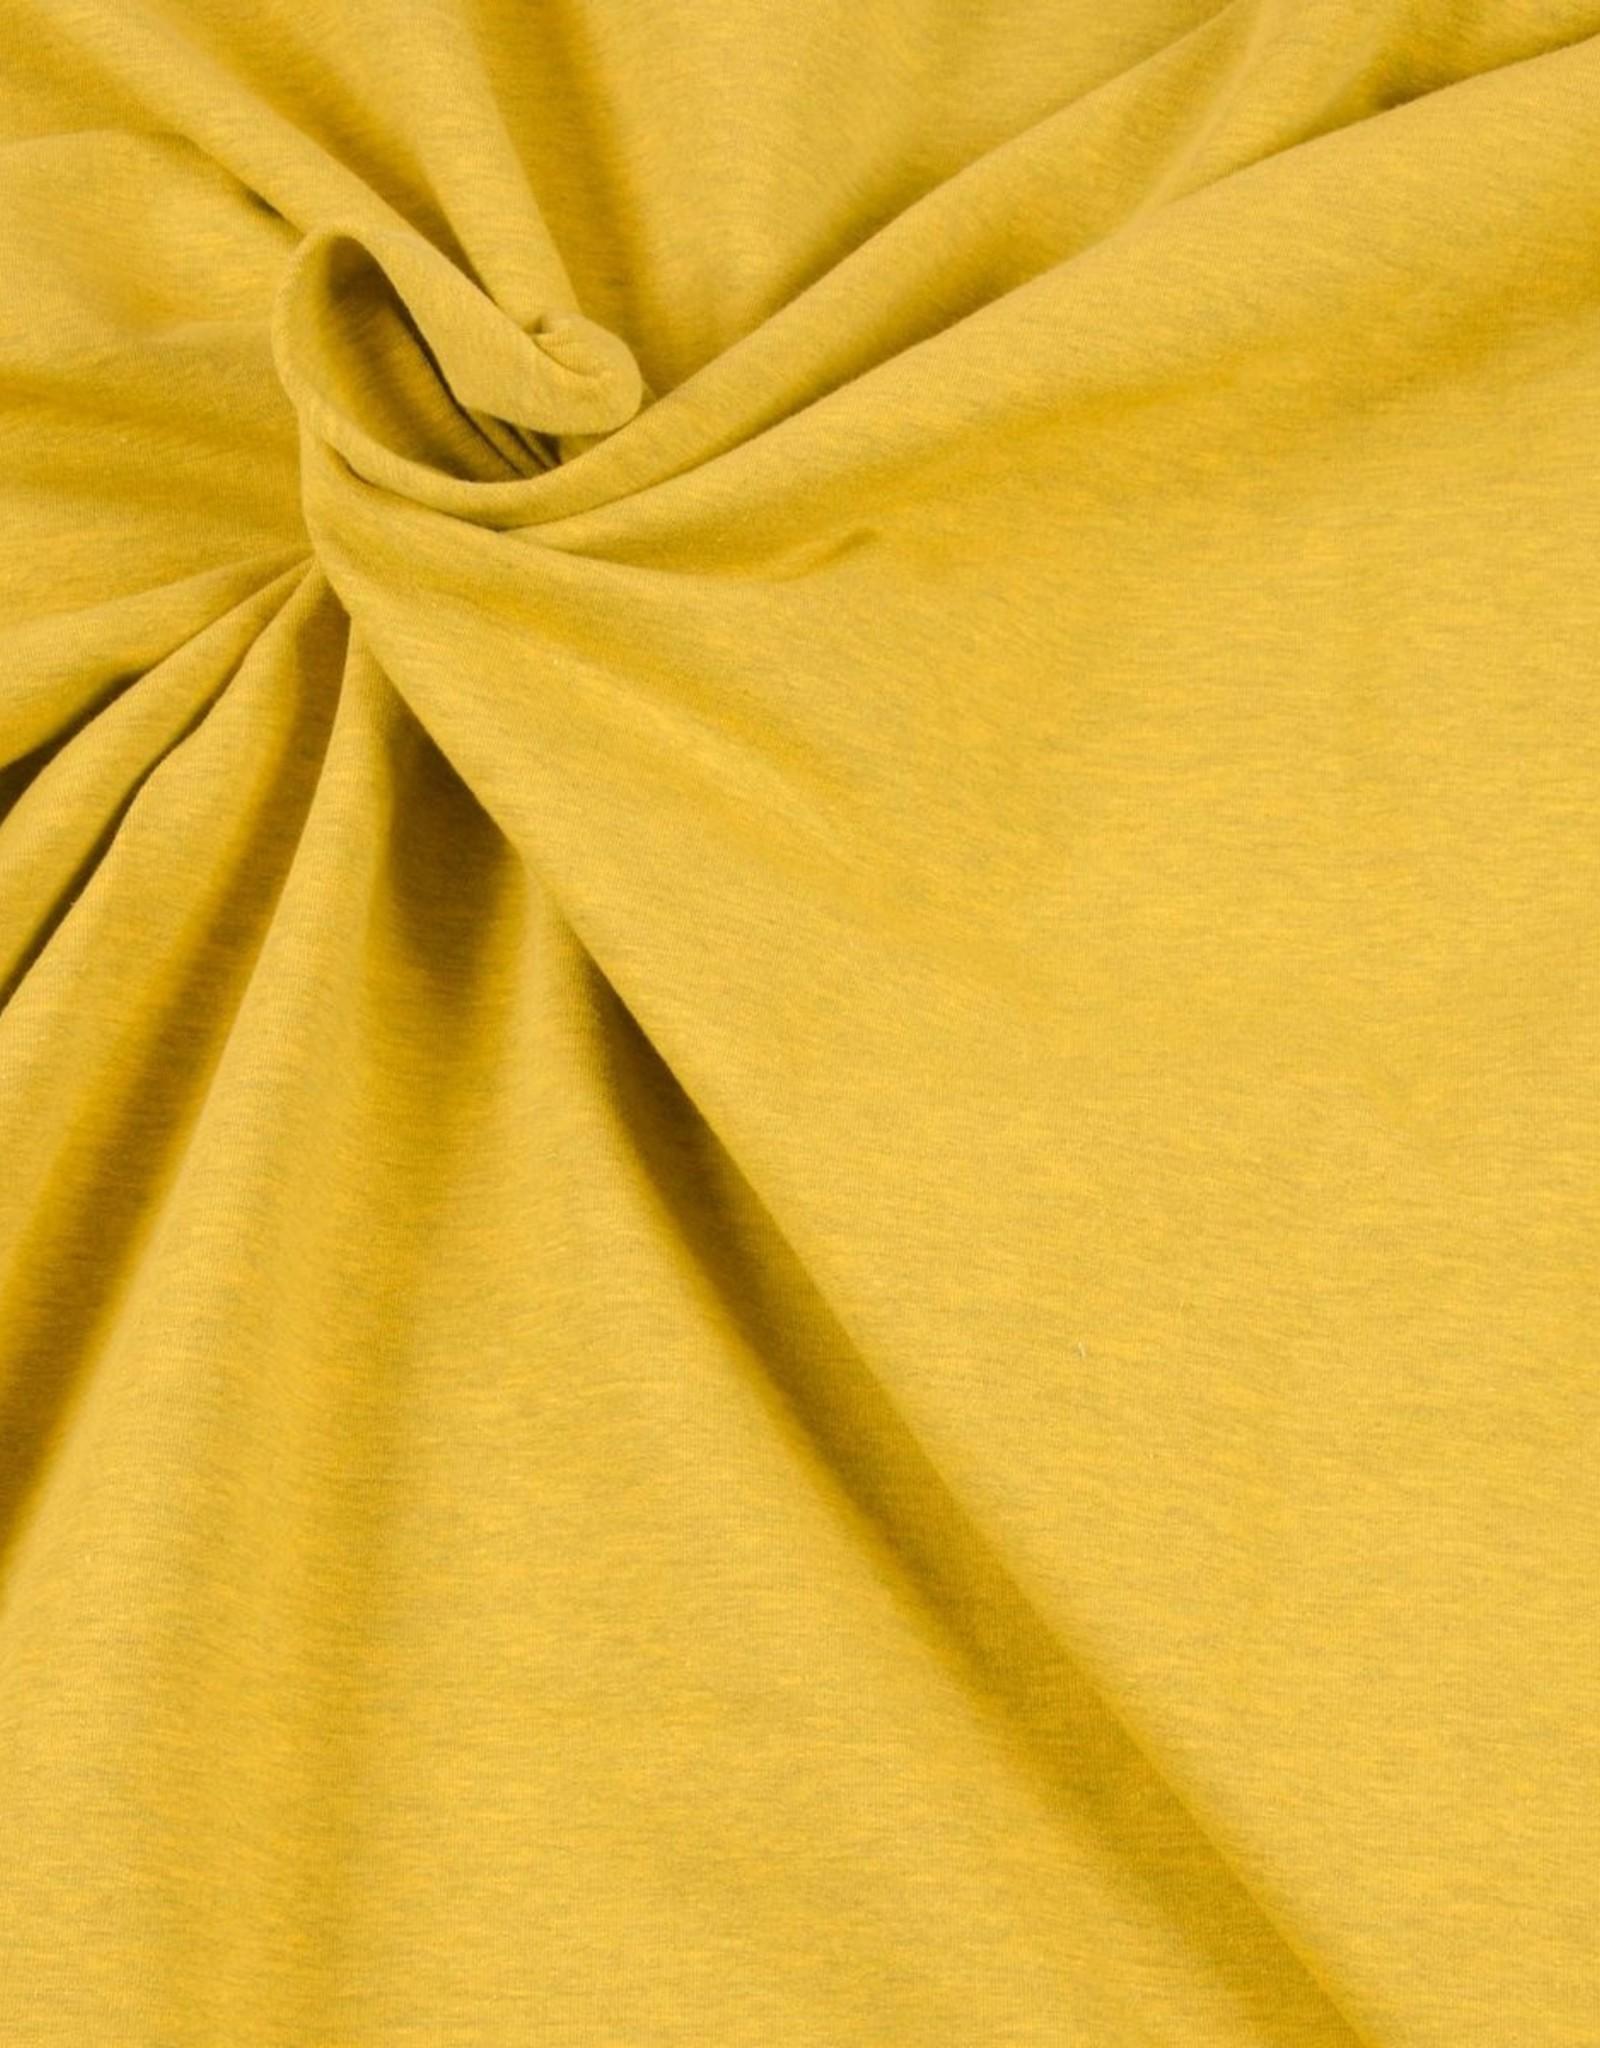 Hilco Sweaterstof geel gemeleerd